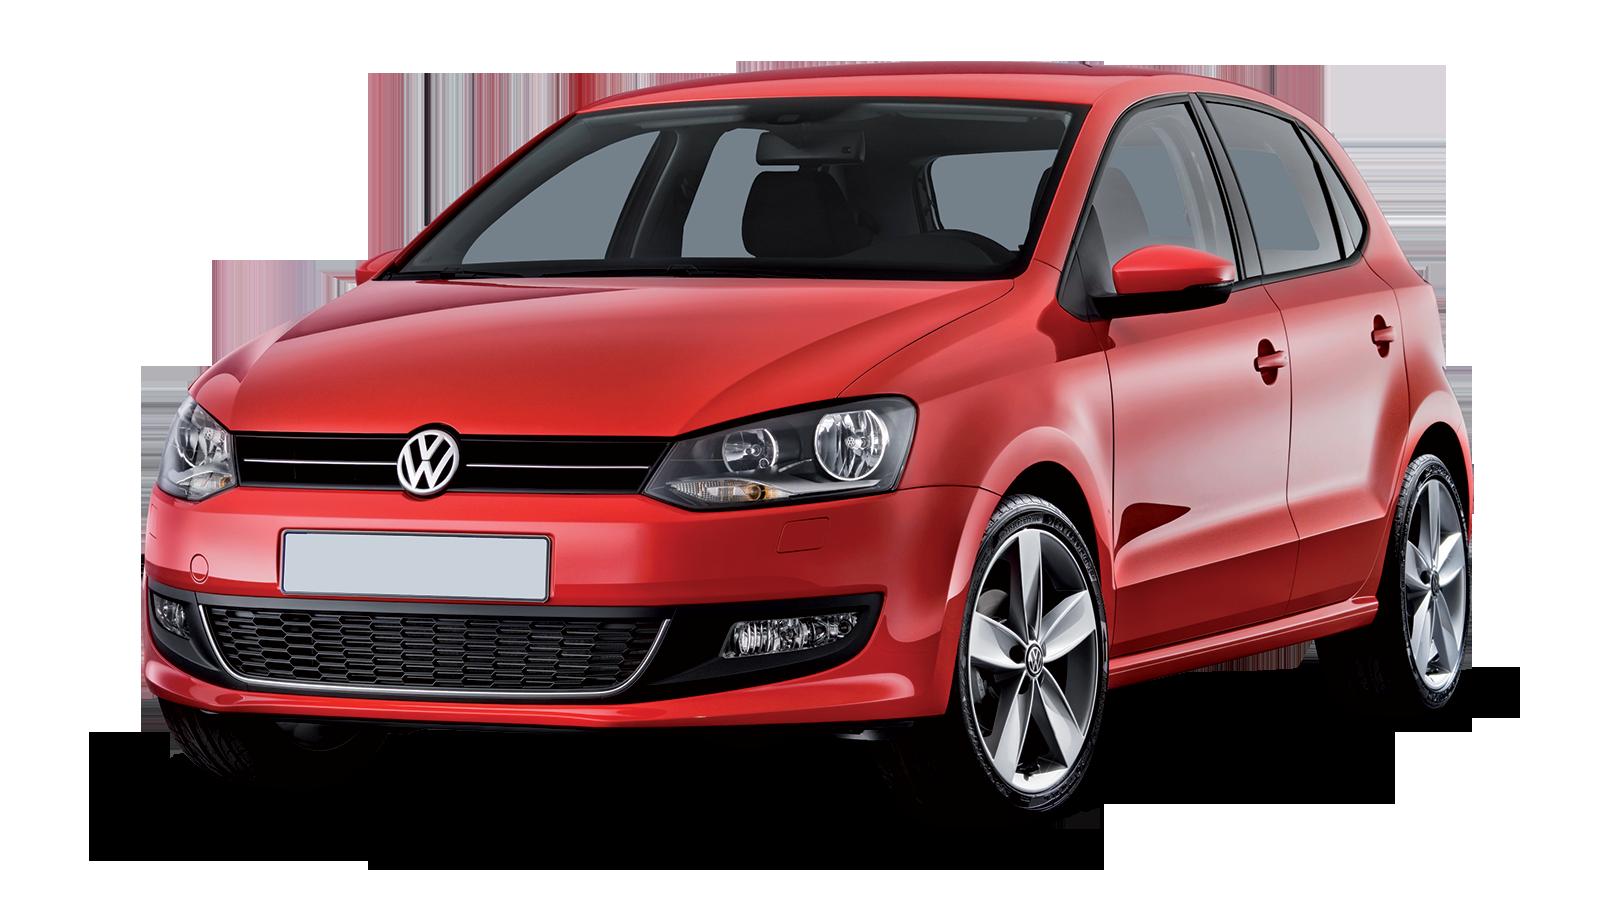 Volkswagen PNG Free Download - Volkswagen PNG